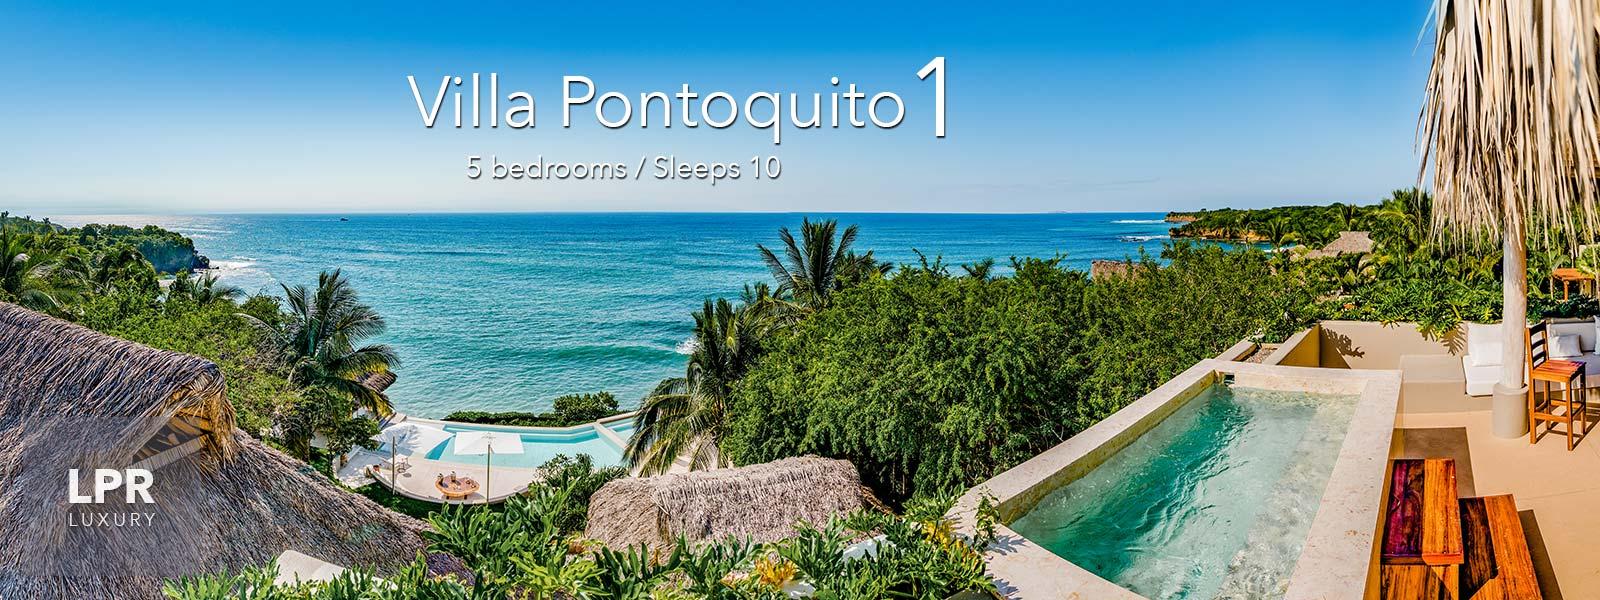 Attractive Villa Pontoquito 1   Luxury Vacation Rental Villa On The Coastline Of Punta  De Mita, Images